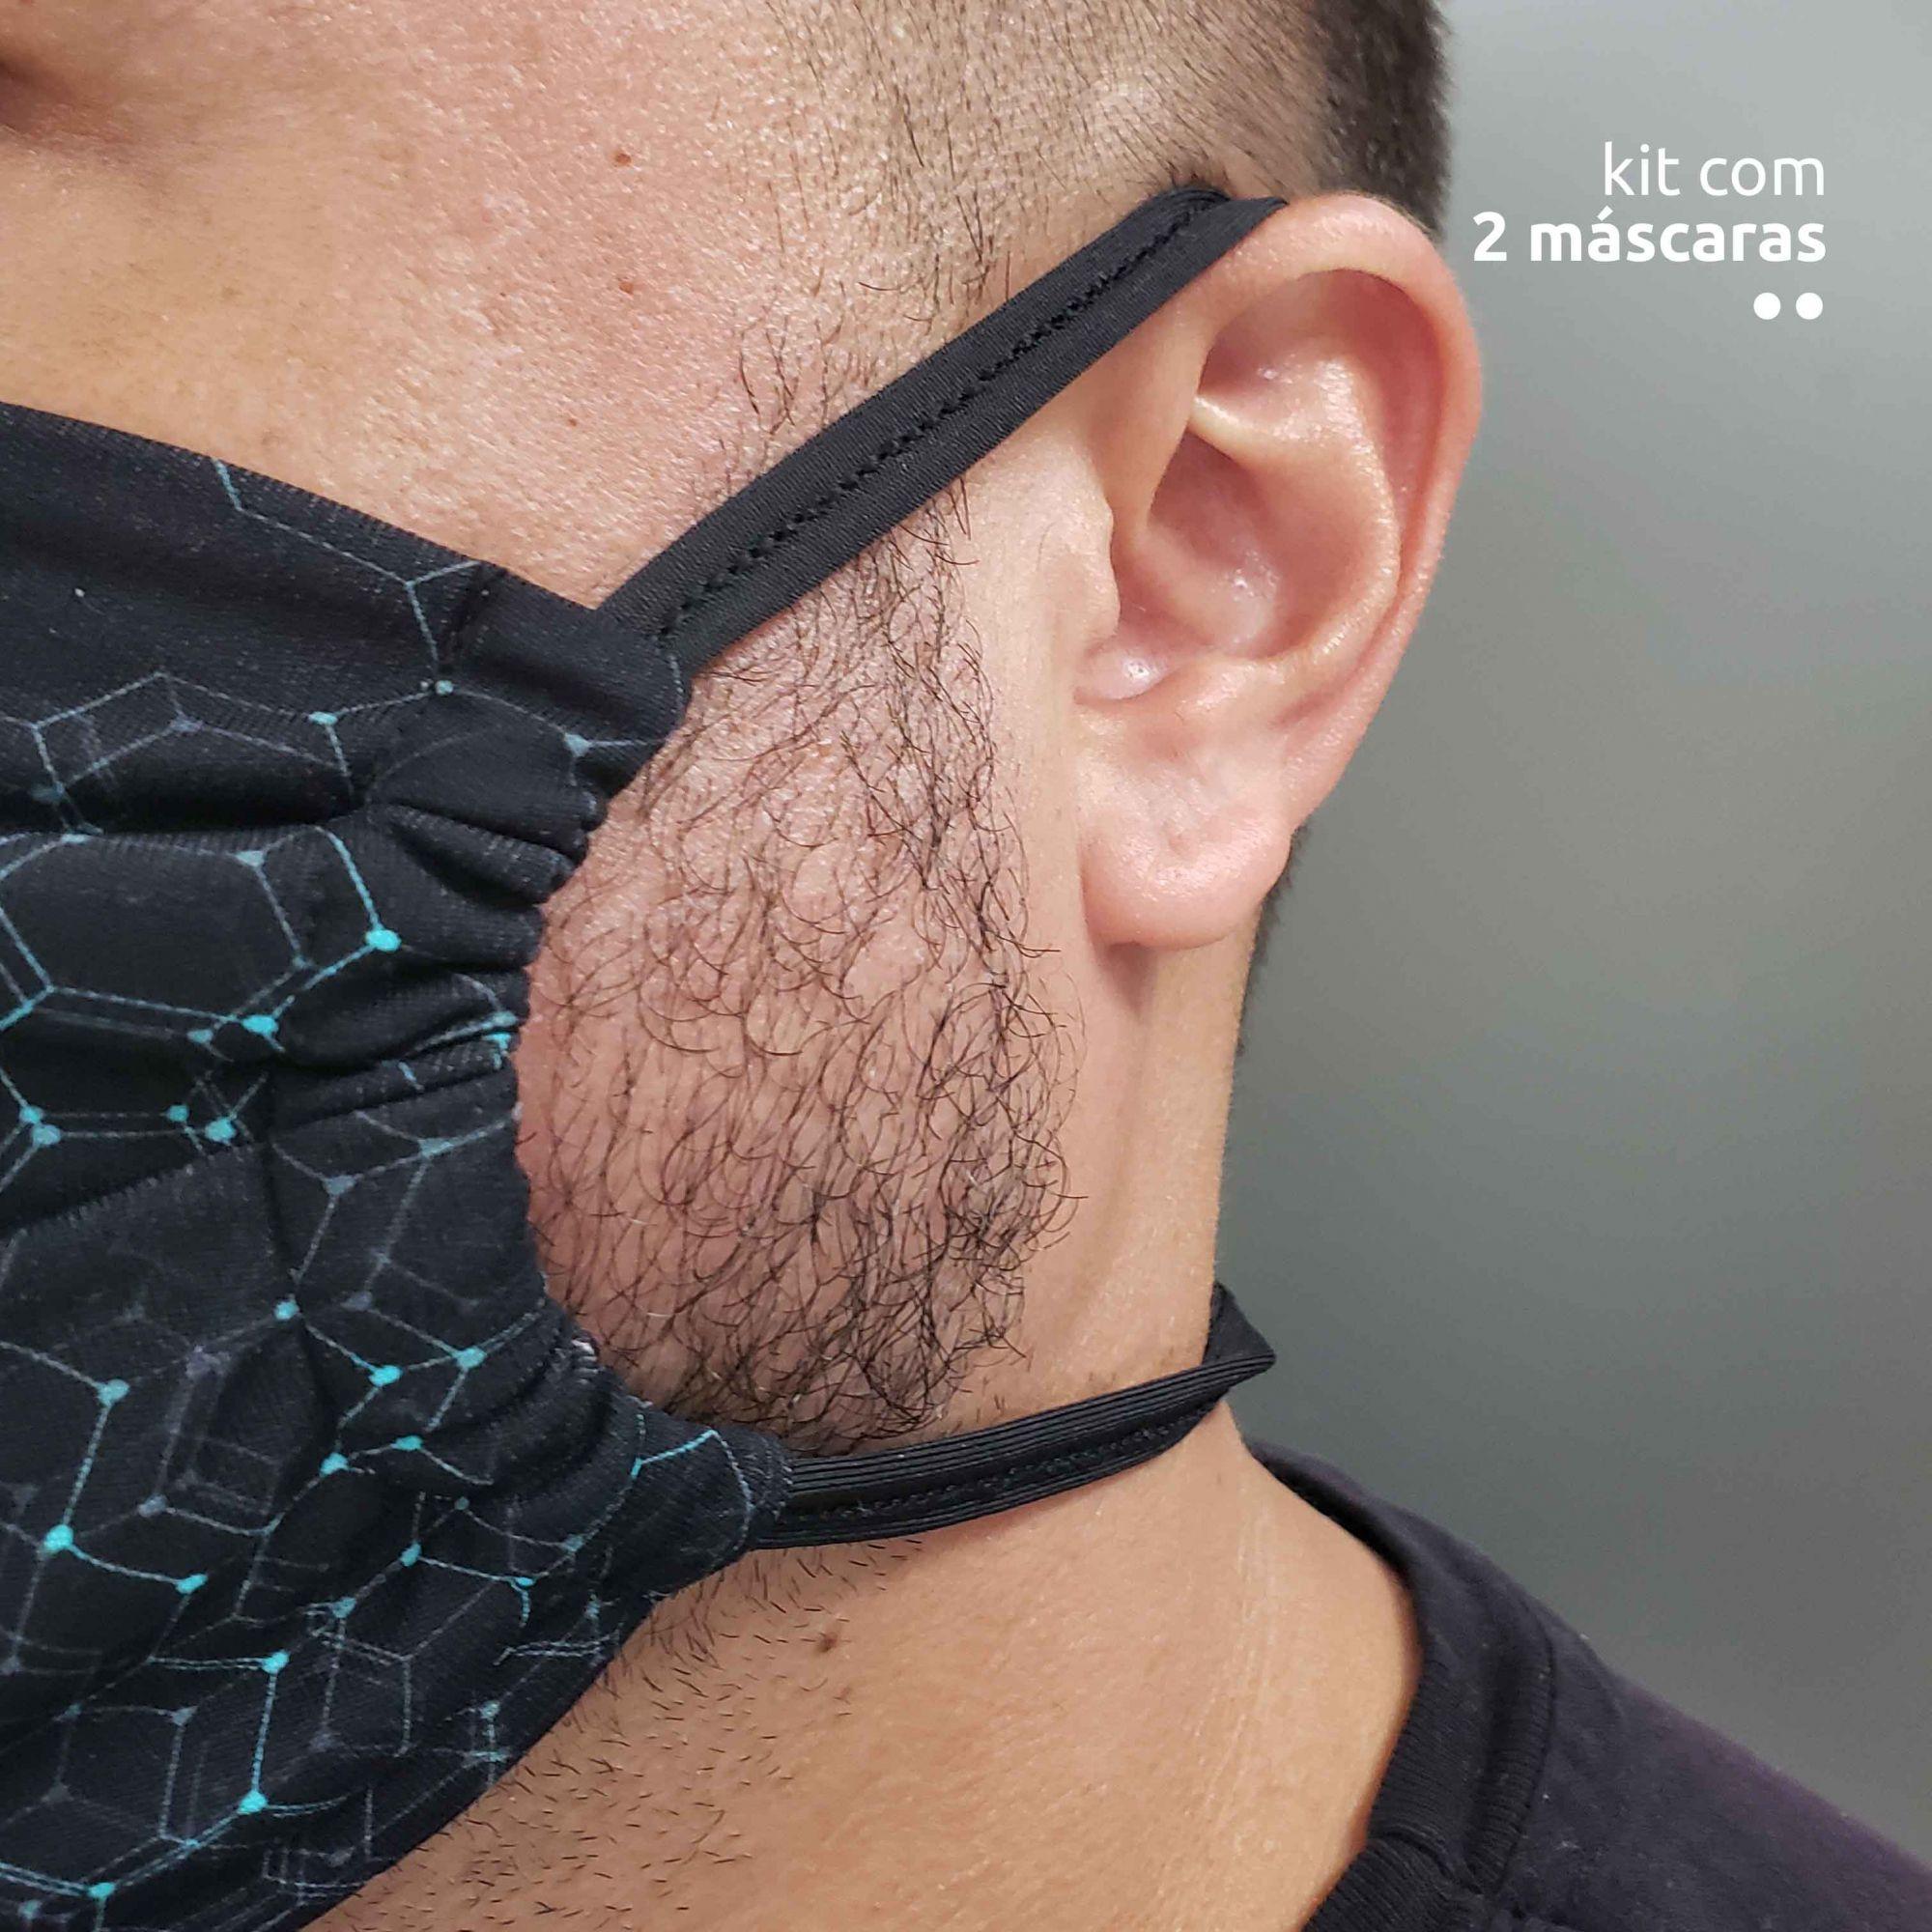 KIT 2 máscaras tecnológicas - Estampa Tech